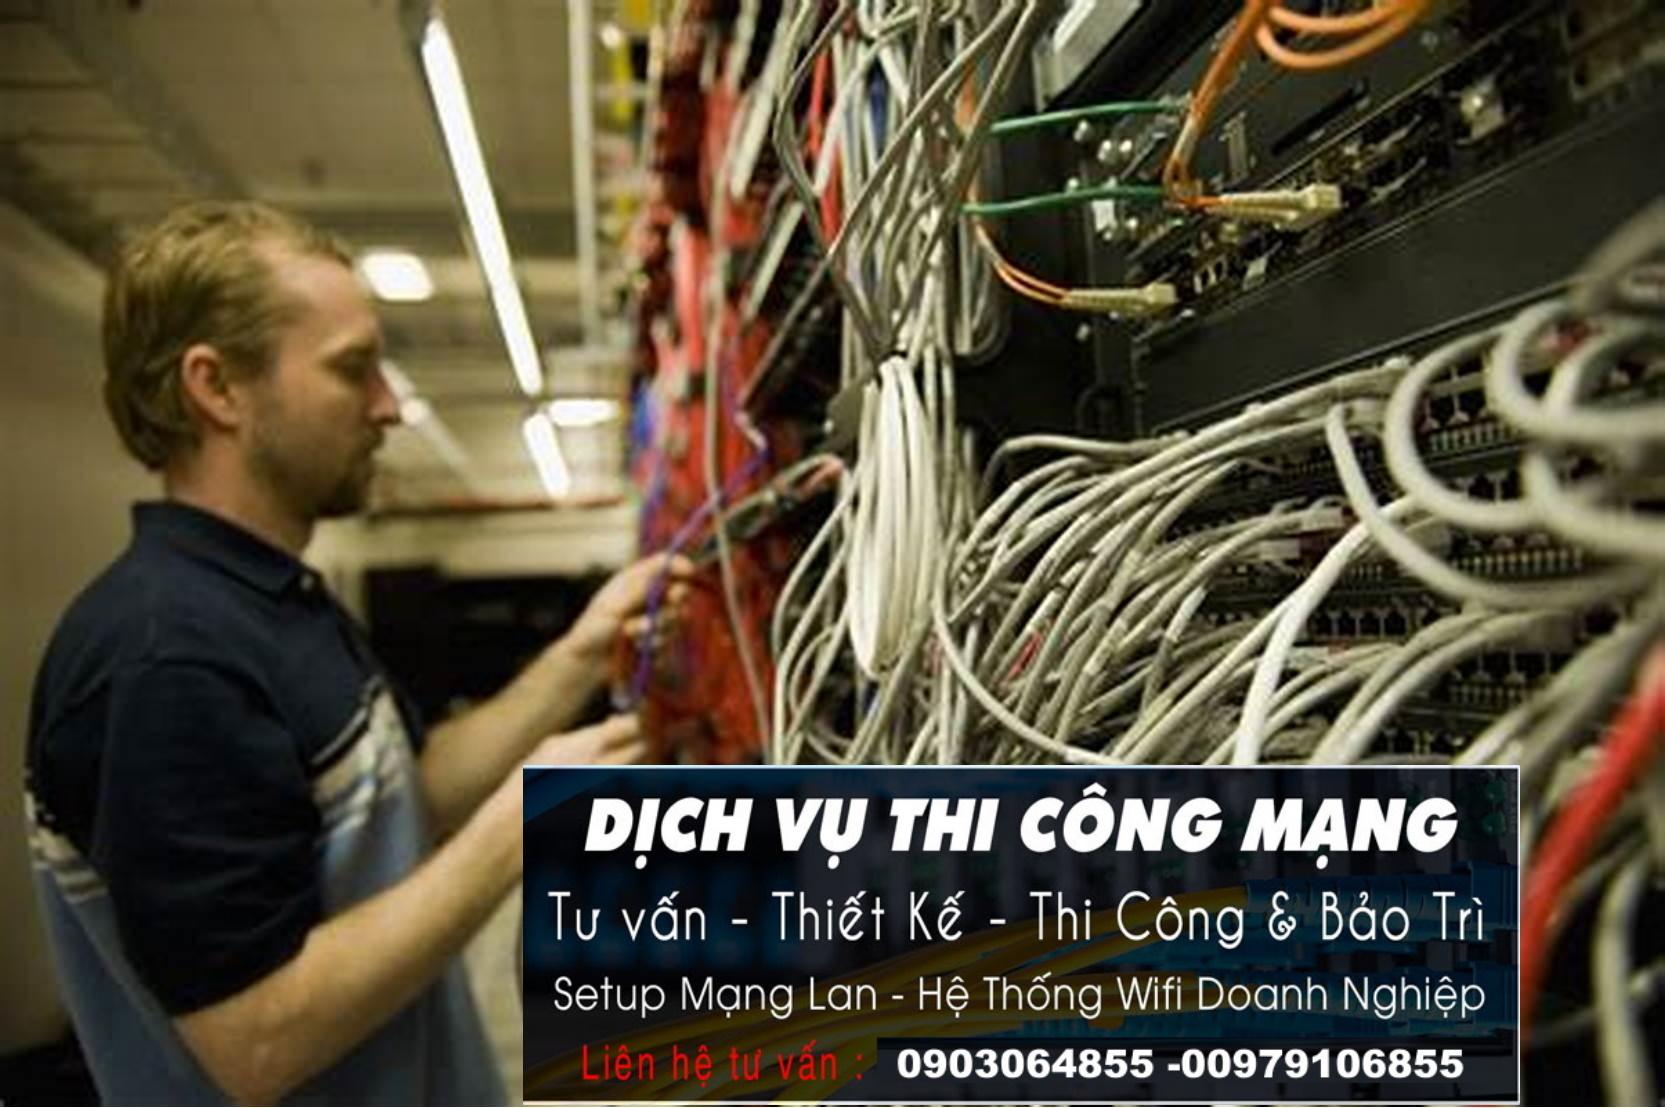 Sửa chữa mạng Internet tại nhà quận 2